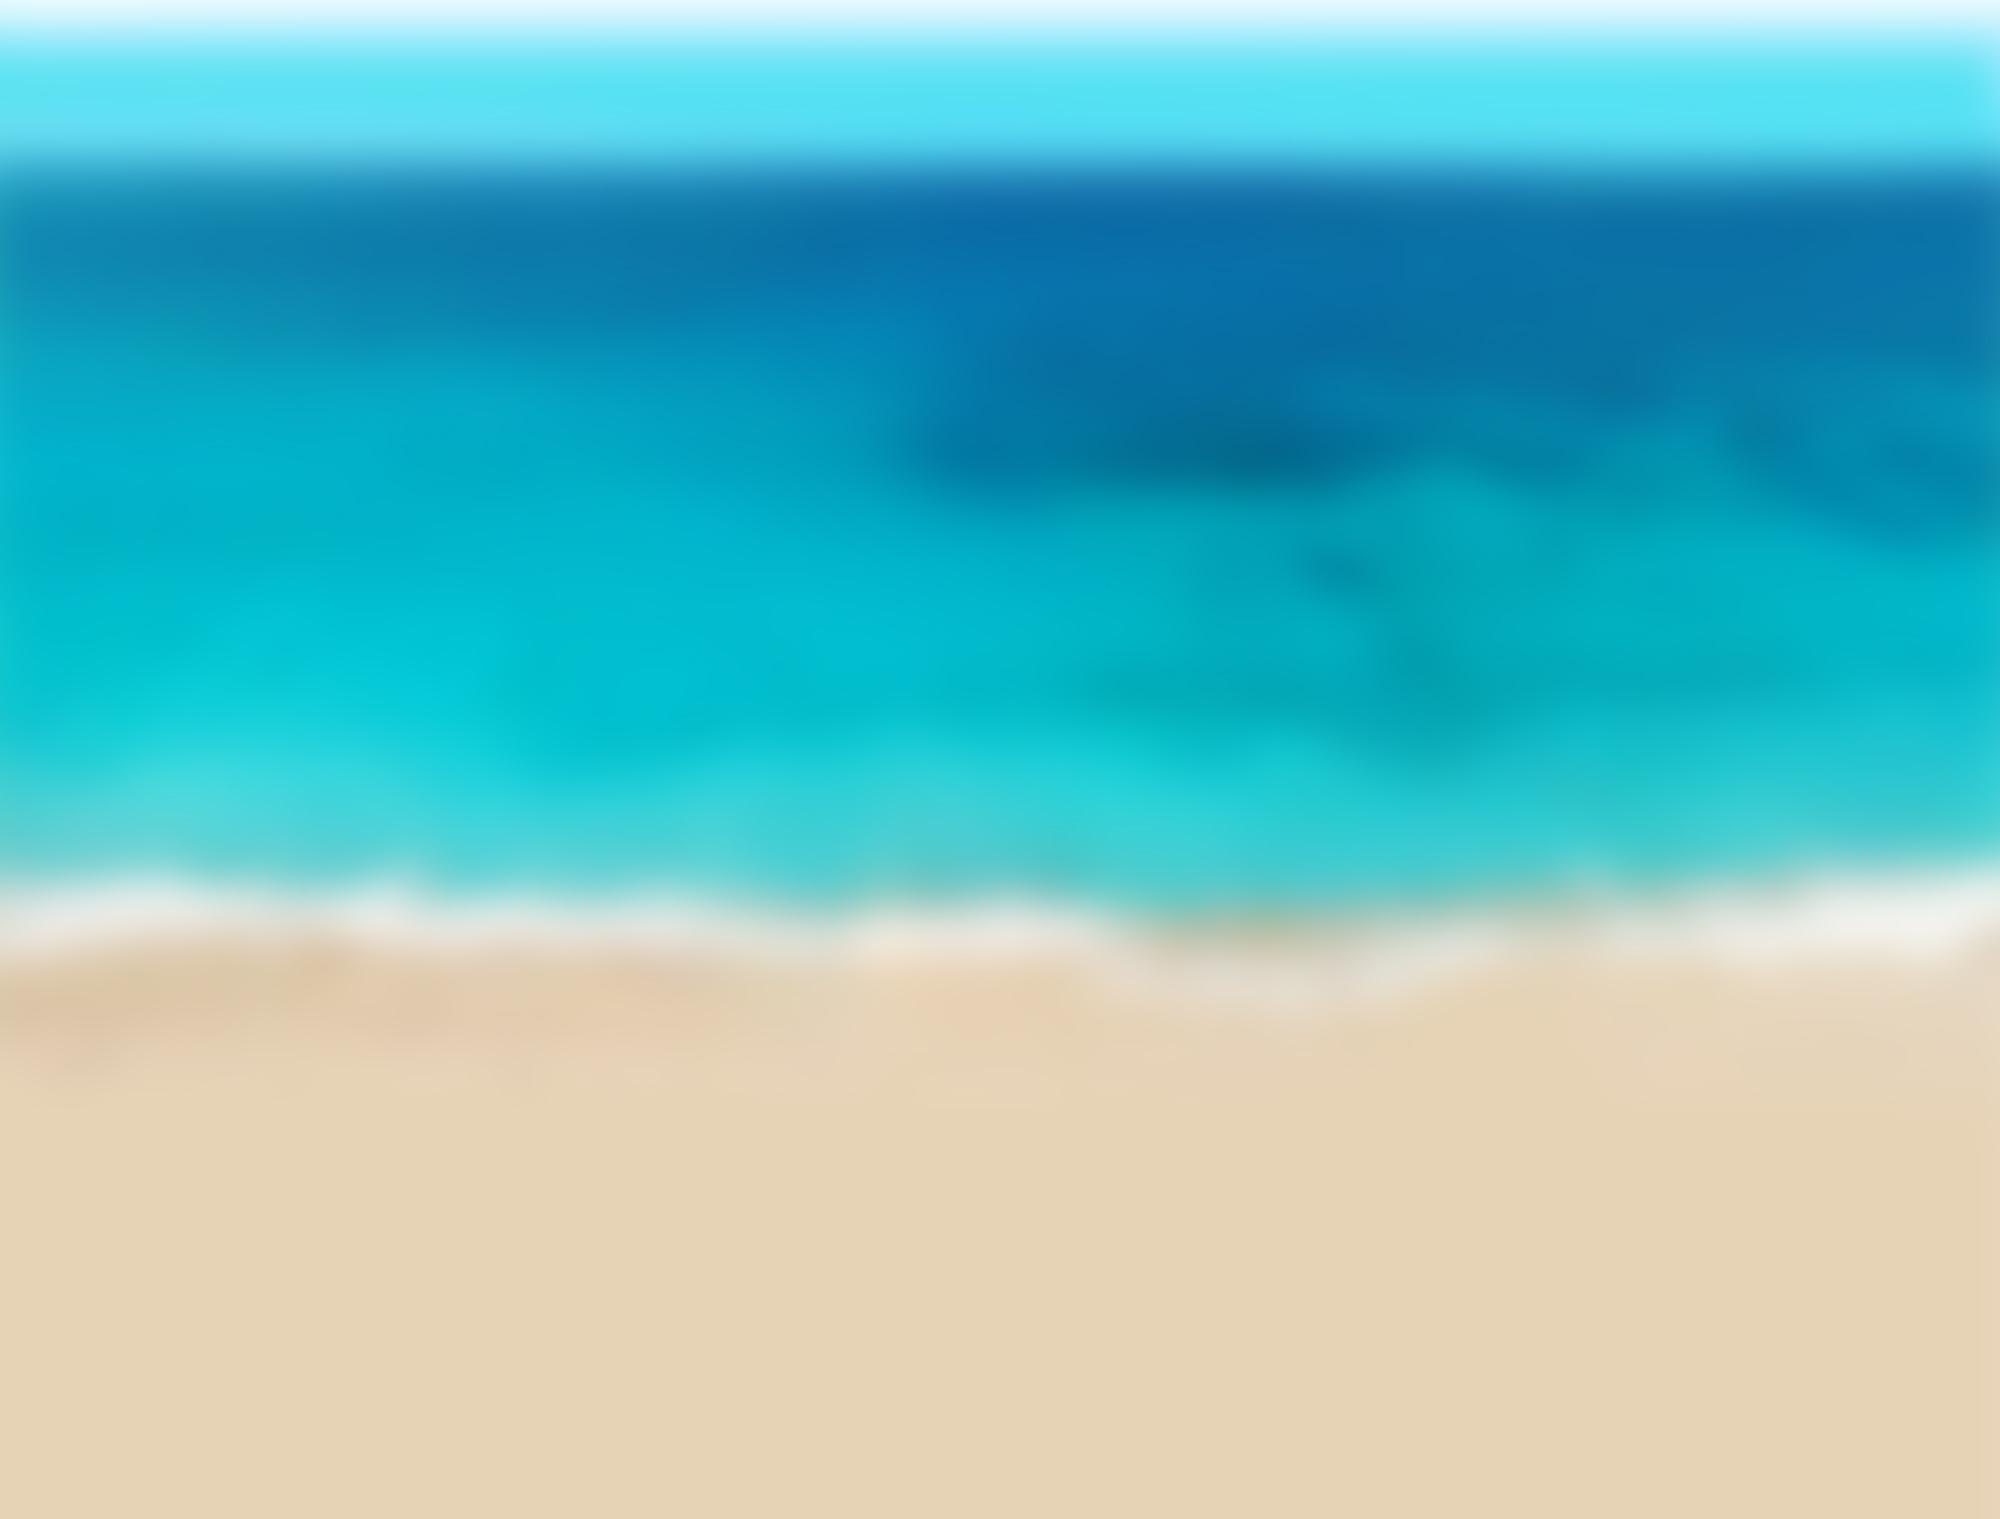 Fondo playa